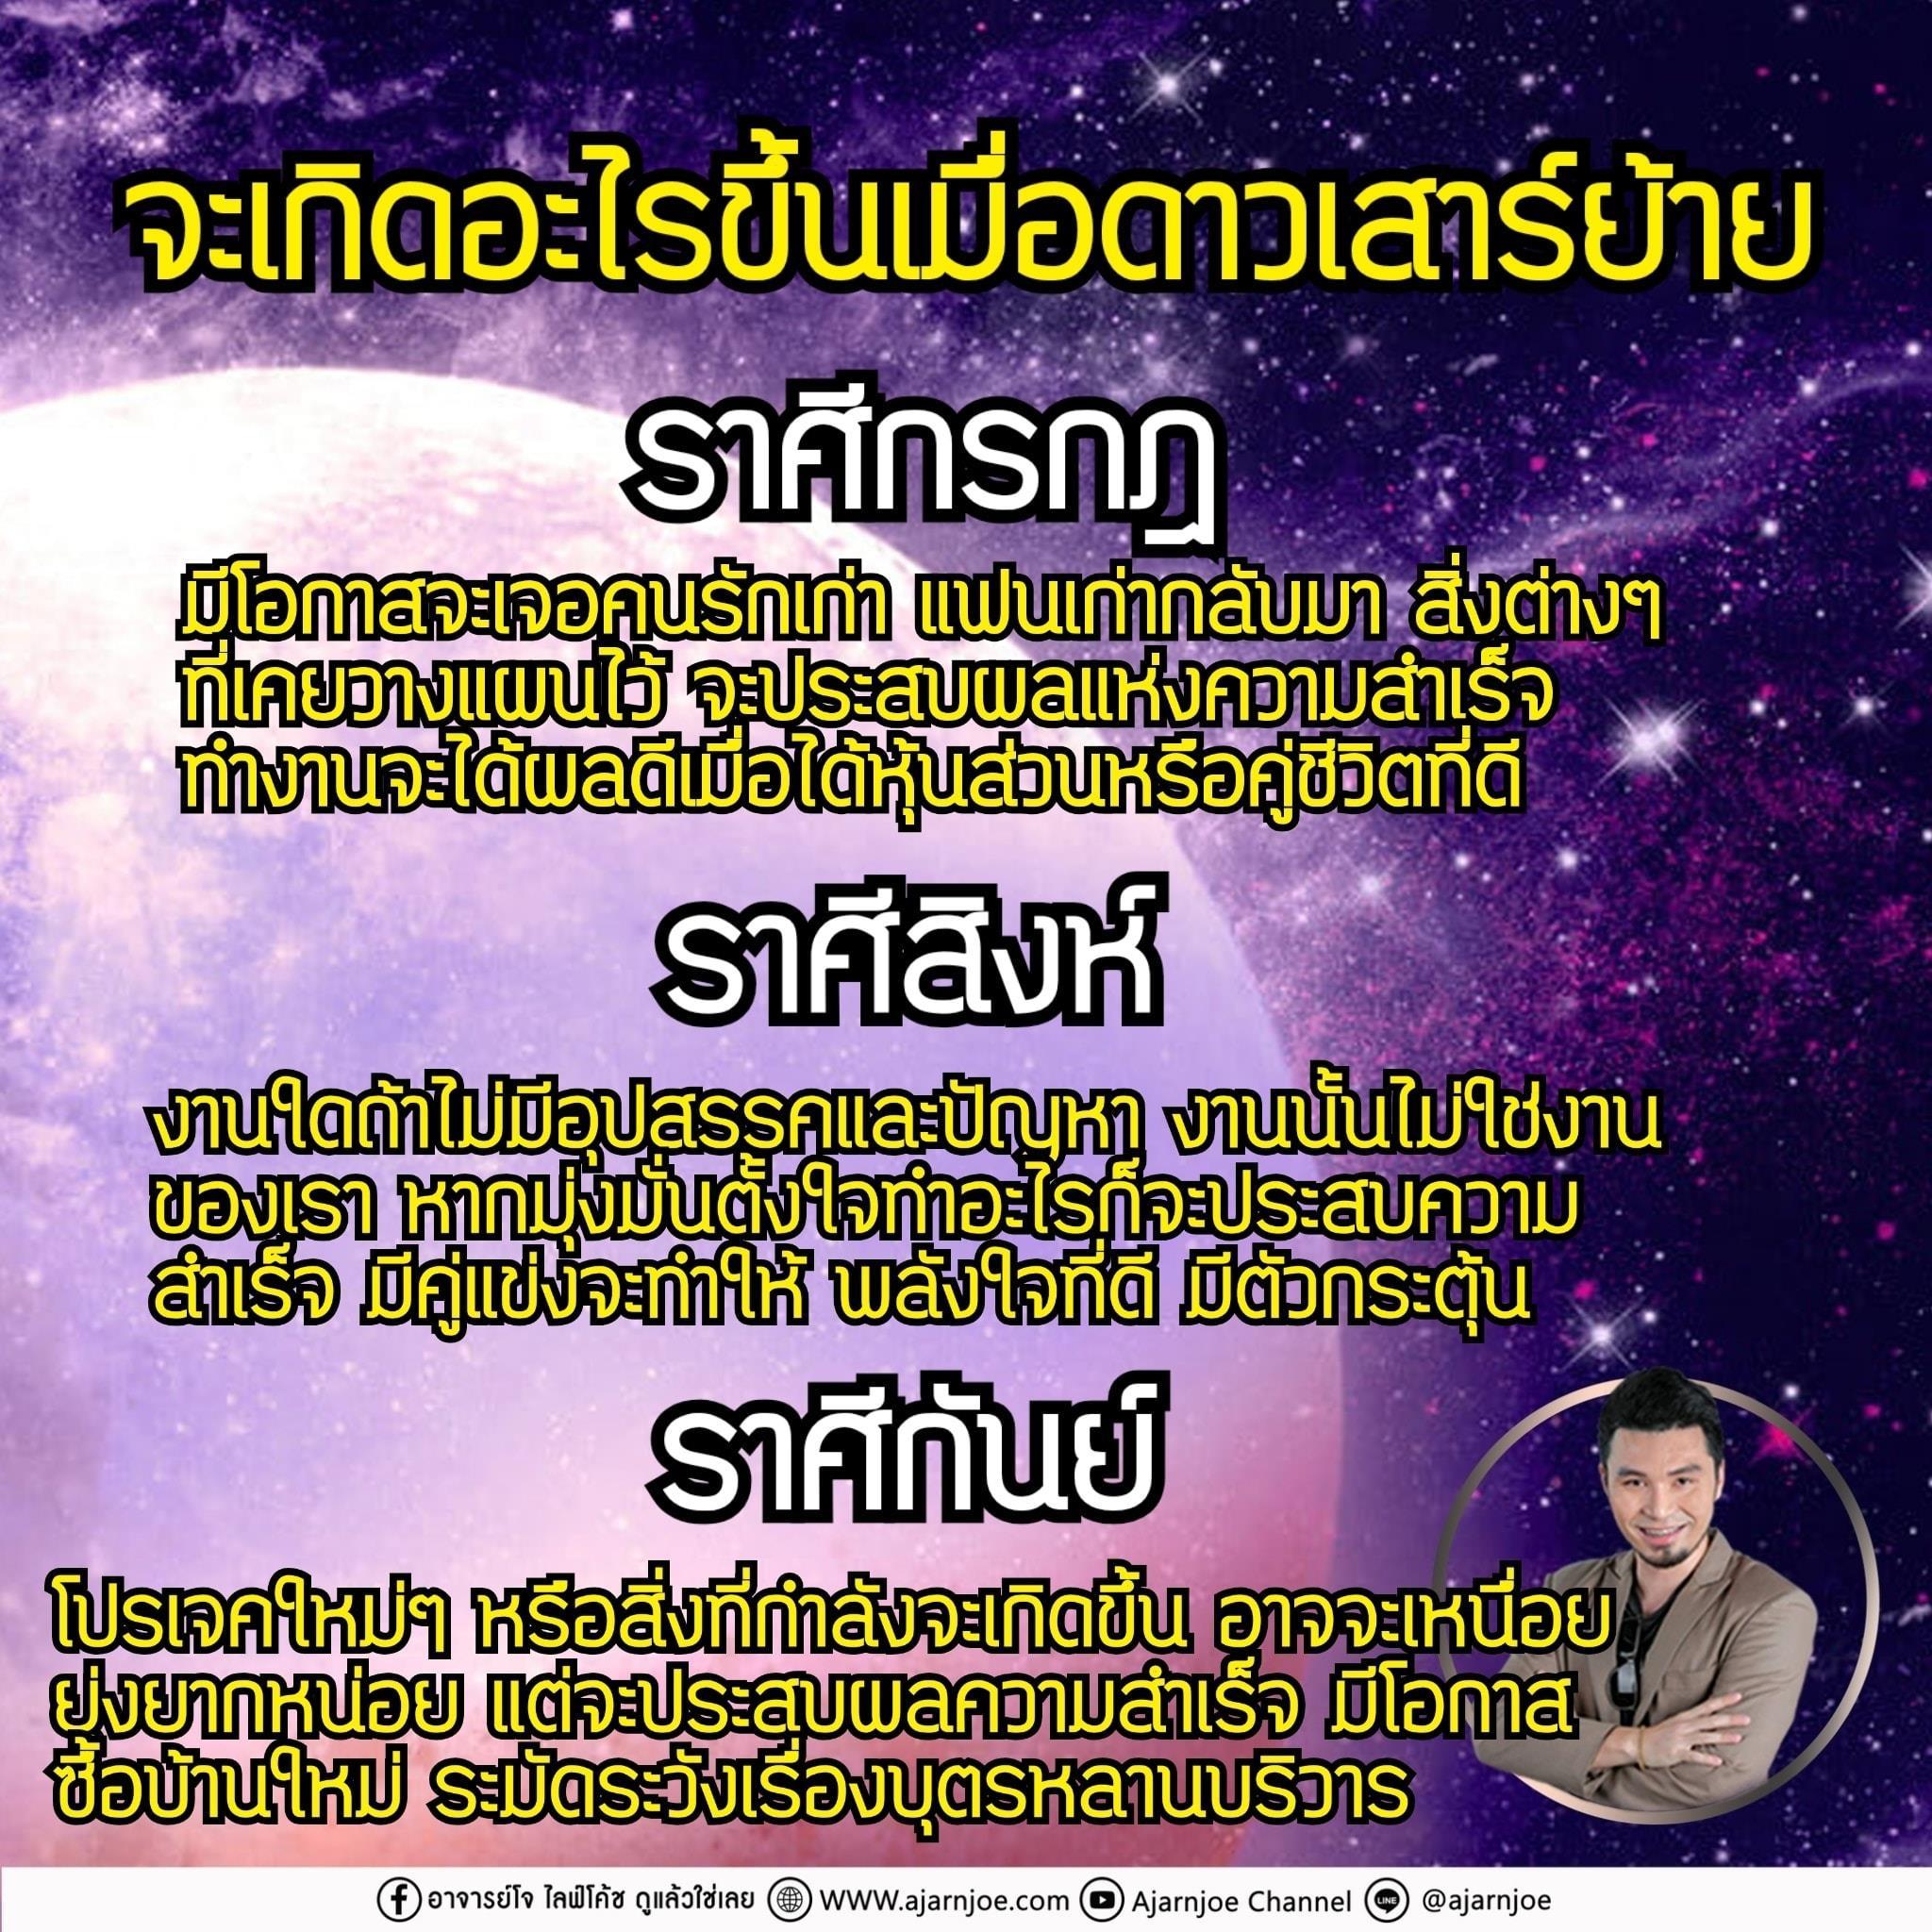 พยากรณ์ดวง 12 ราศี หลังดาวเสาร์ย้าย